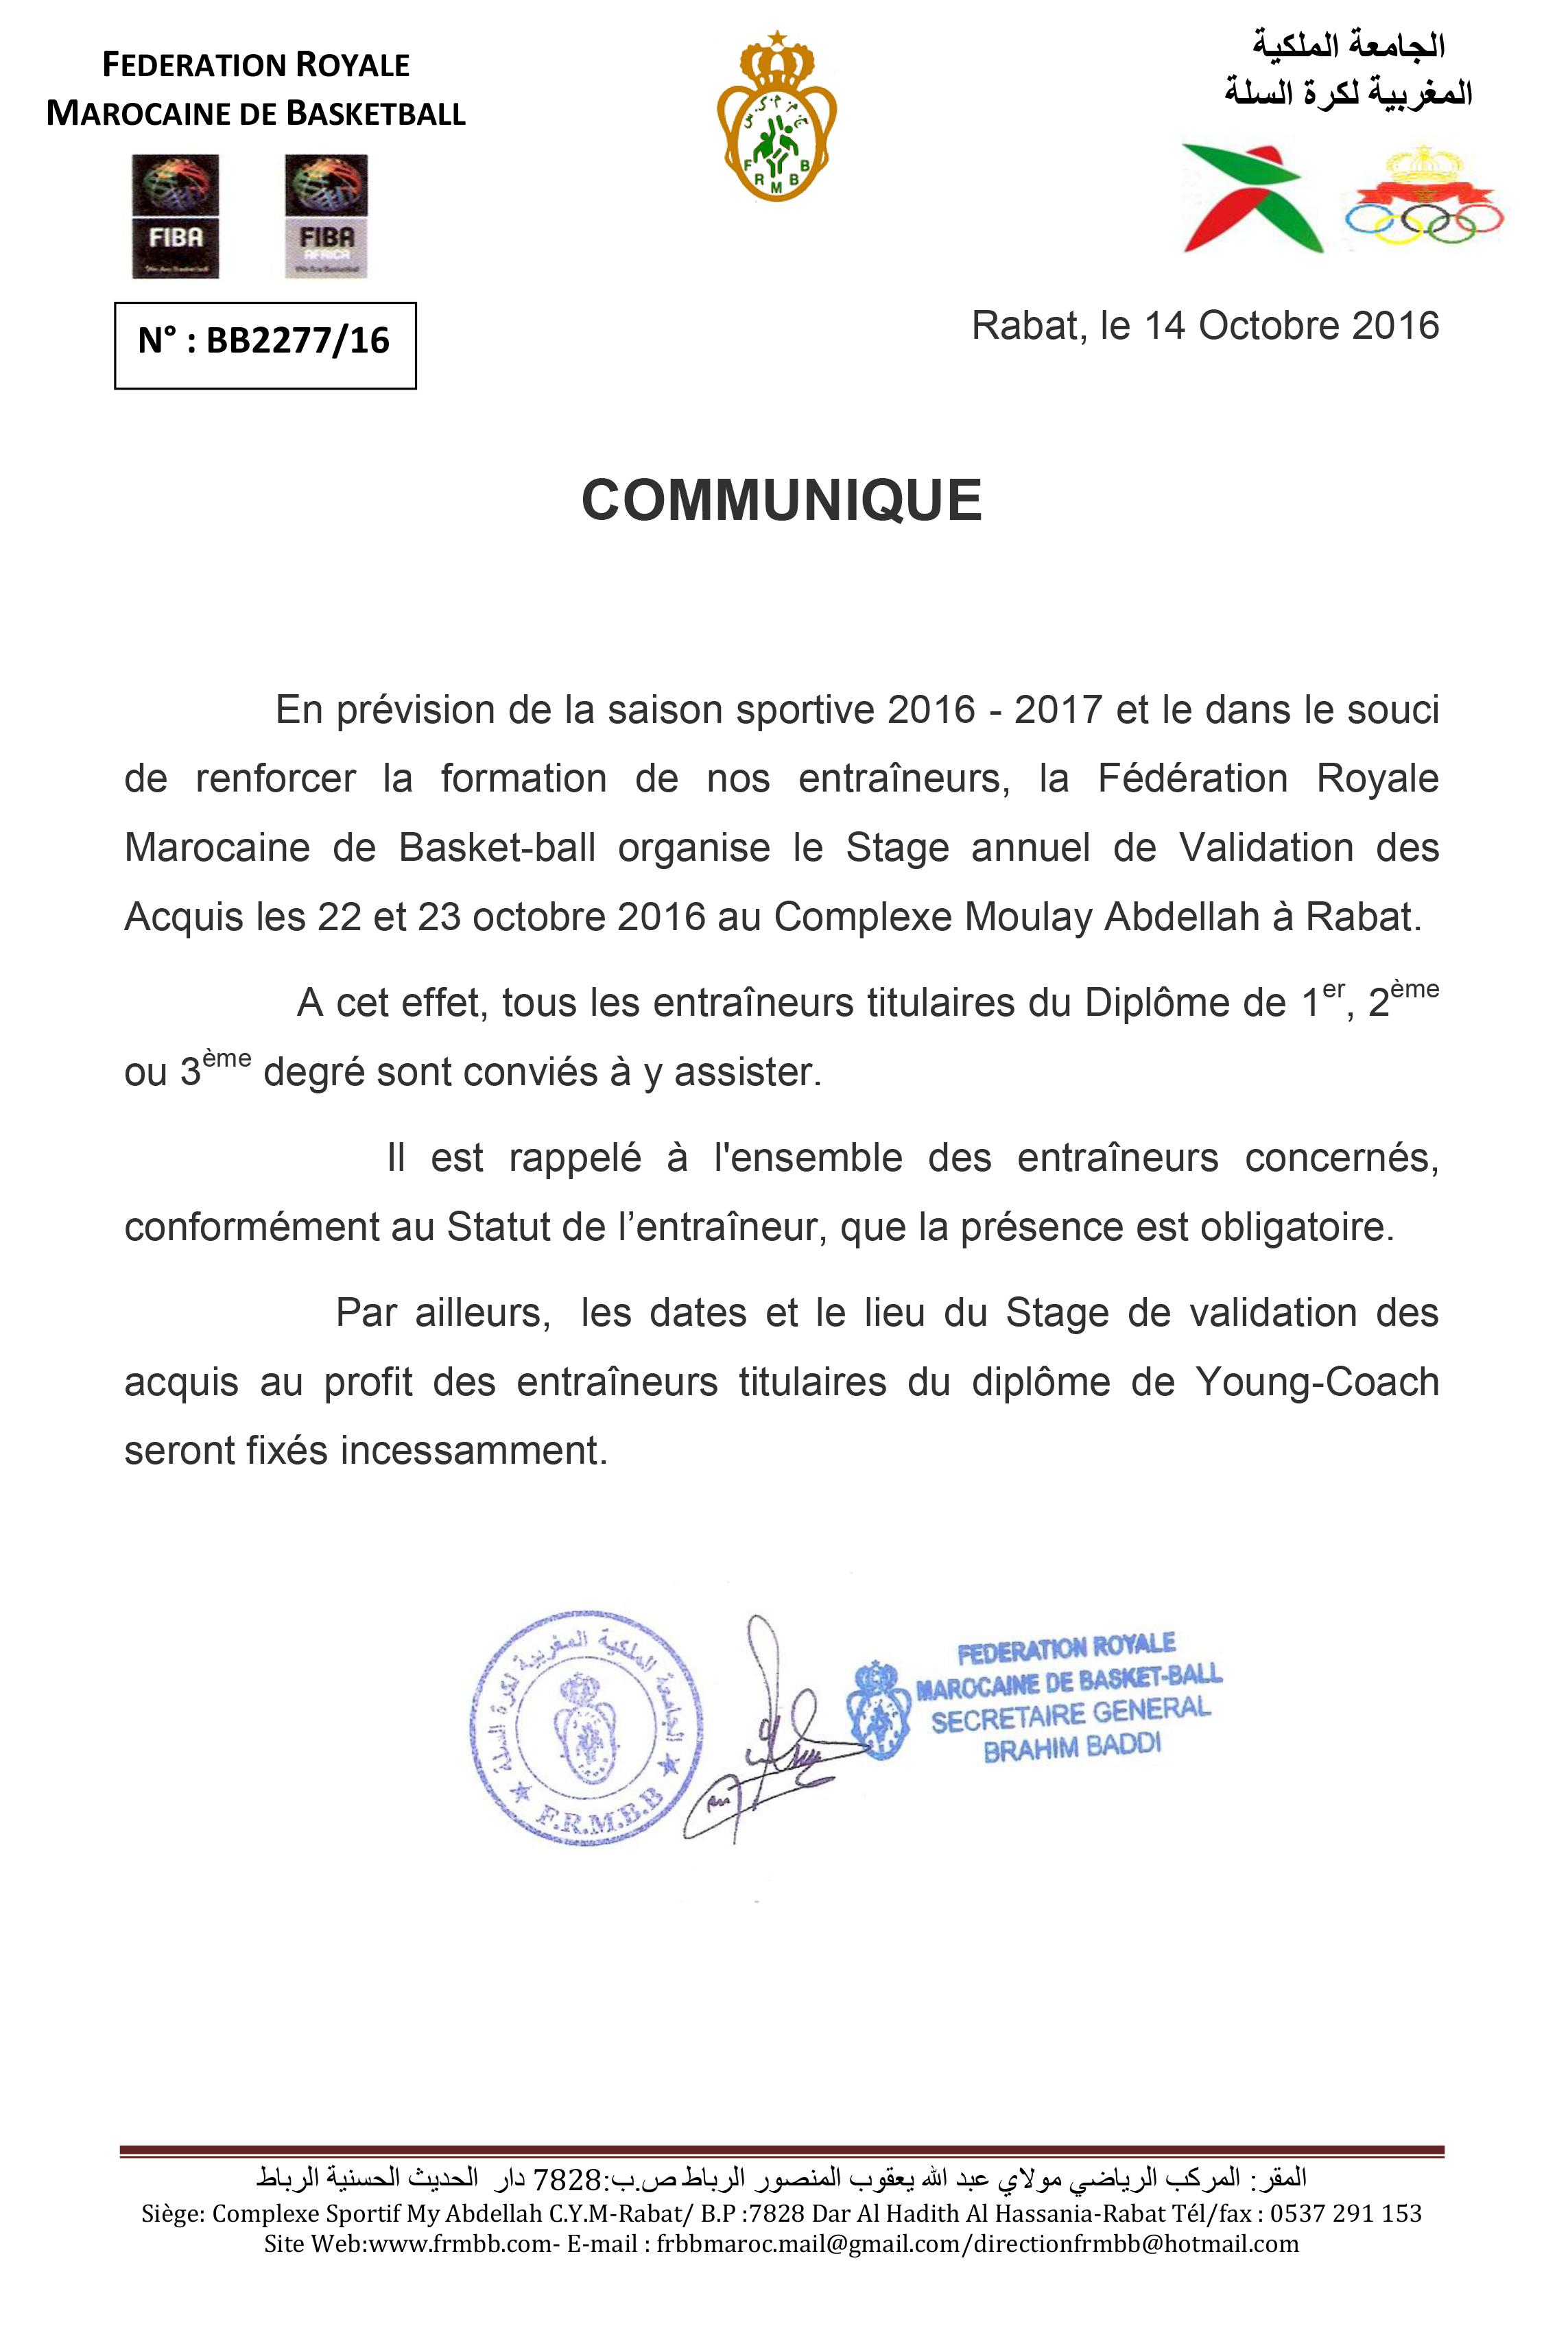 communique-de-stage-de-validation-des-acquis-des-entraineurs-16-17-copy